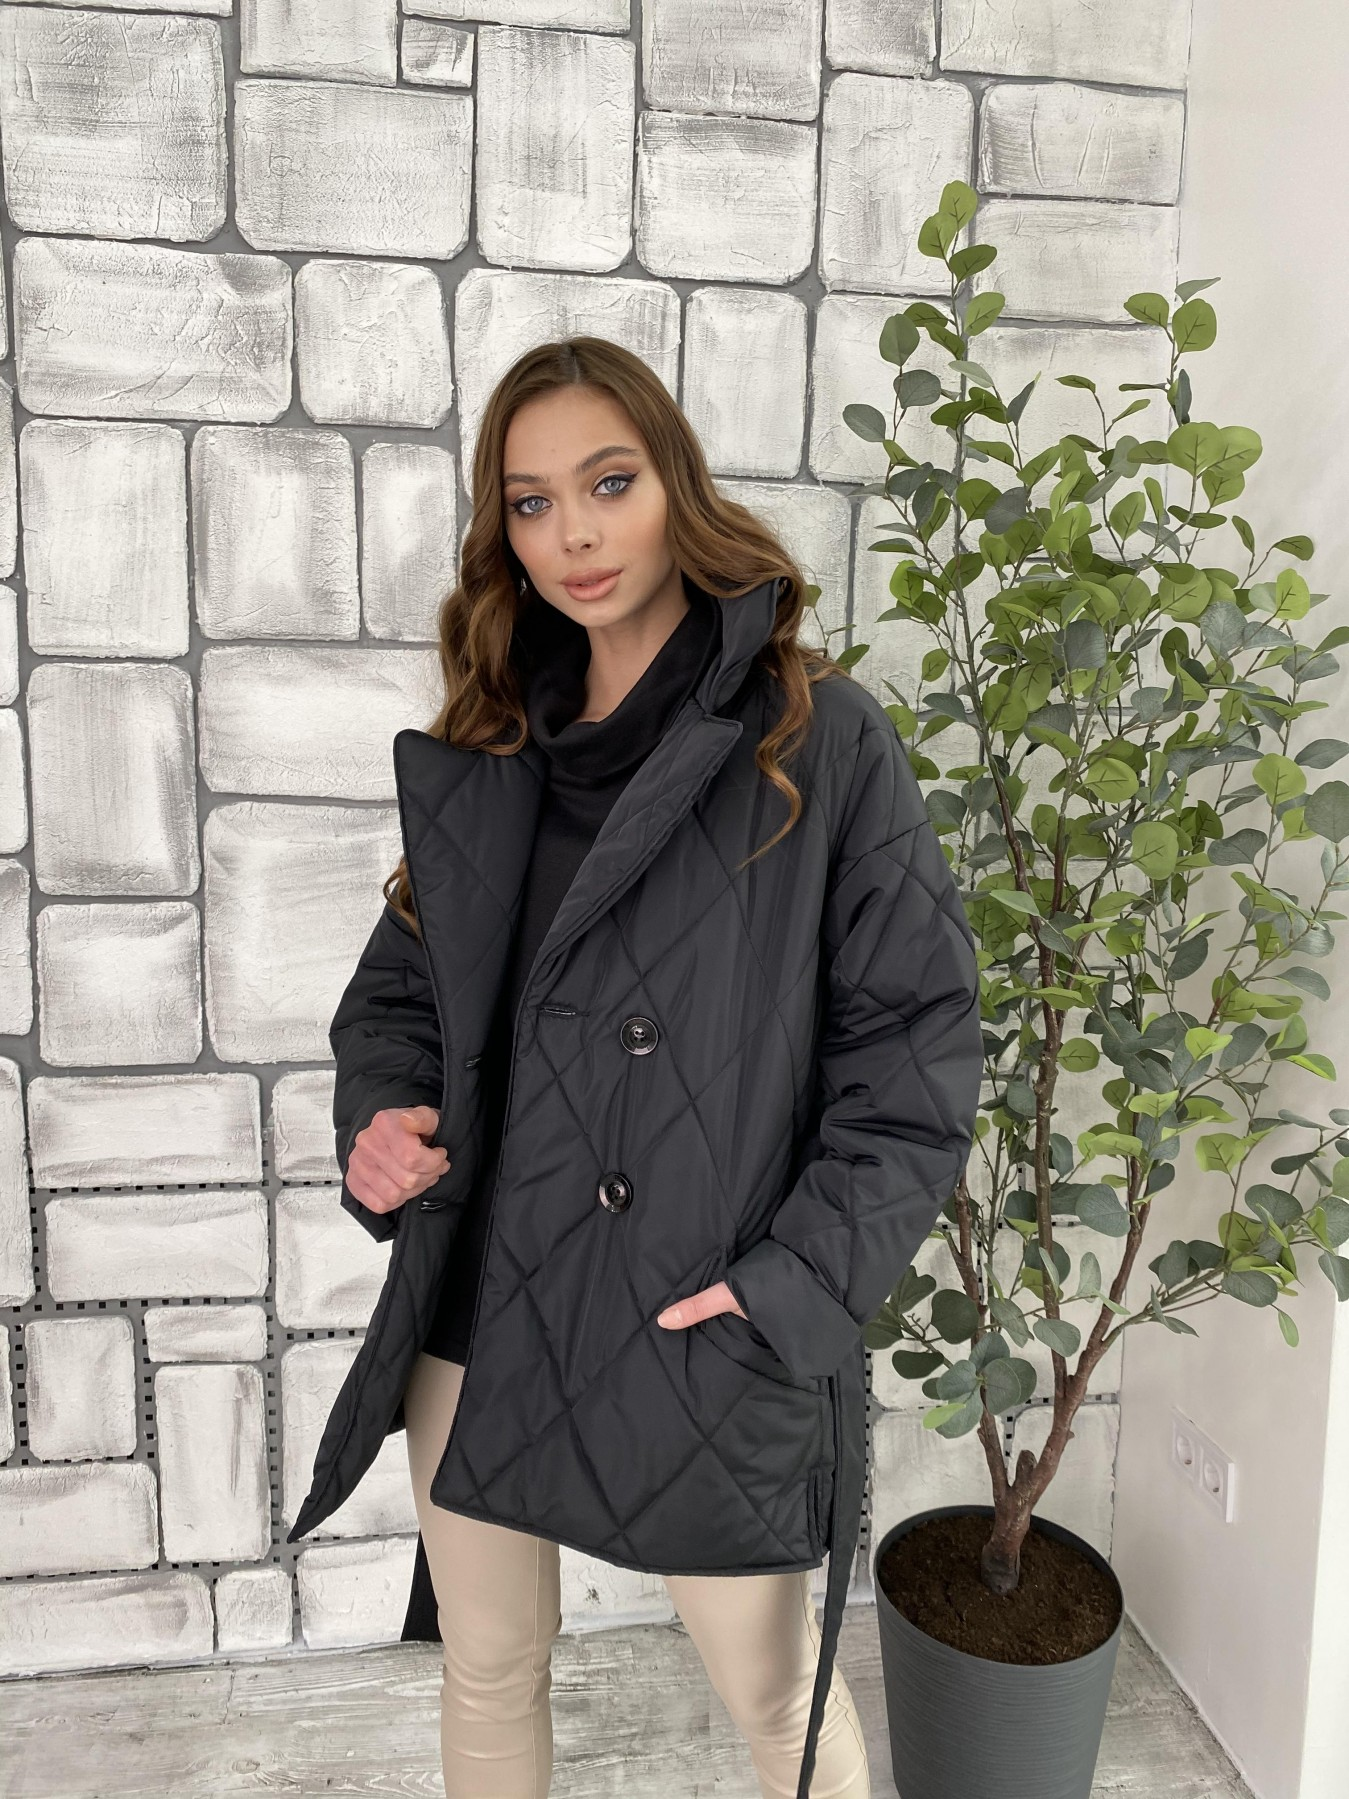 Норд куртка из плащевой ткани стеганая 10883 АРТ. 47354 Цвет: Черный - фото 5, интернет магазин tm-modus.ru